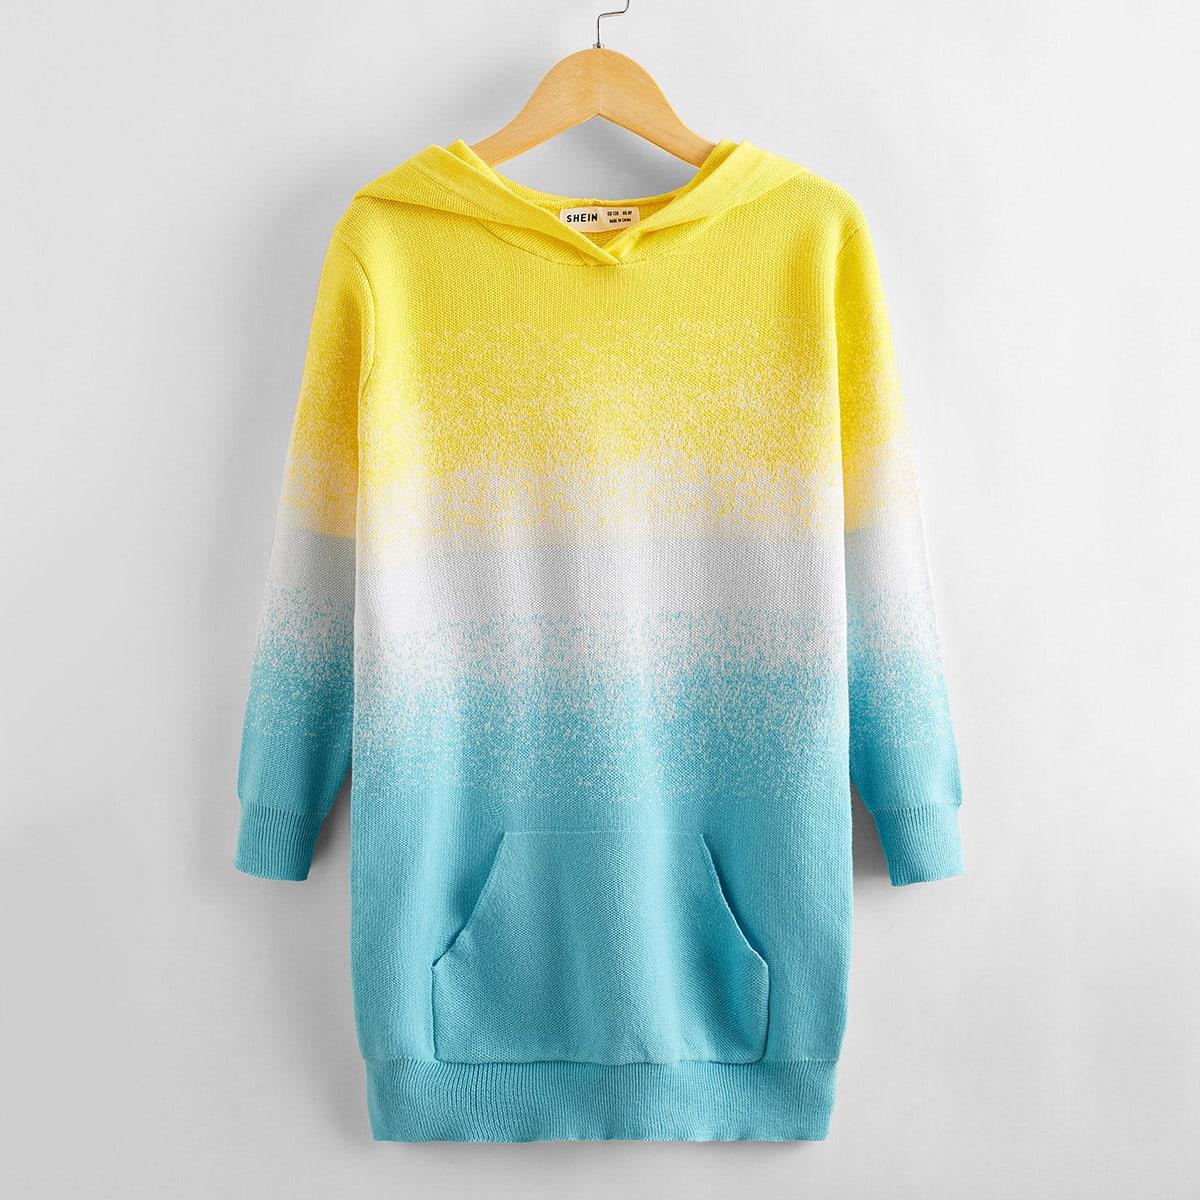 Градиентный свитер с капюшоном и карманом для девочек